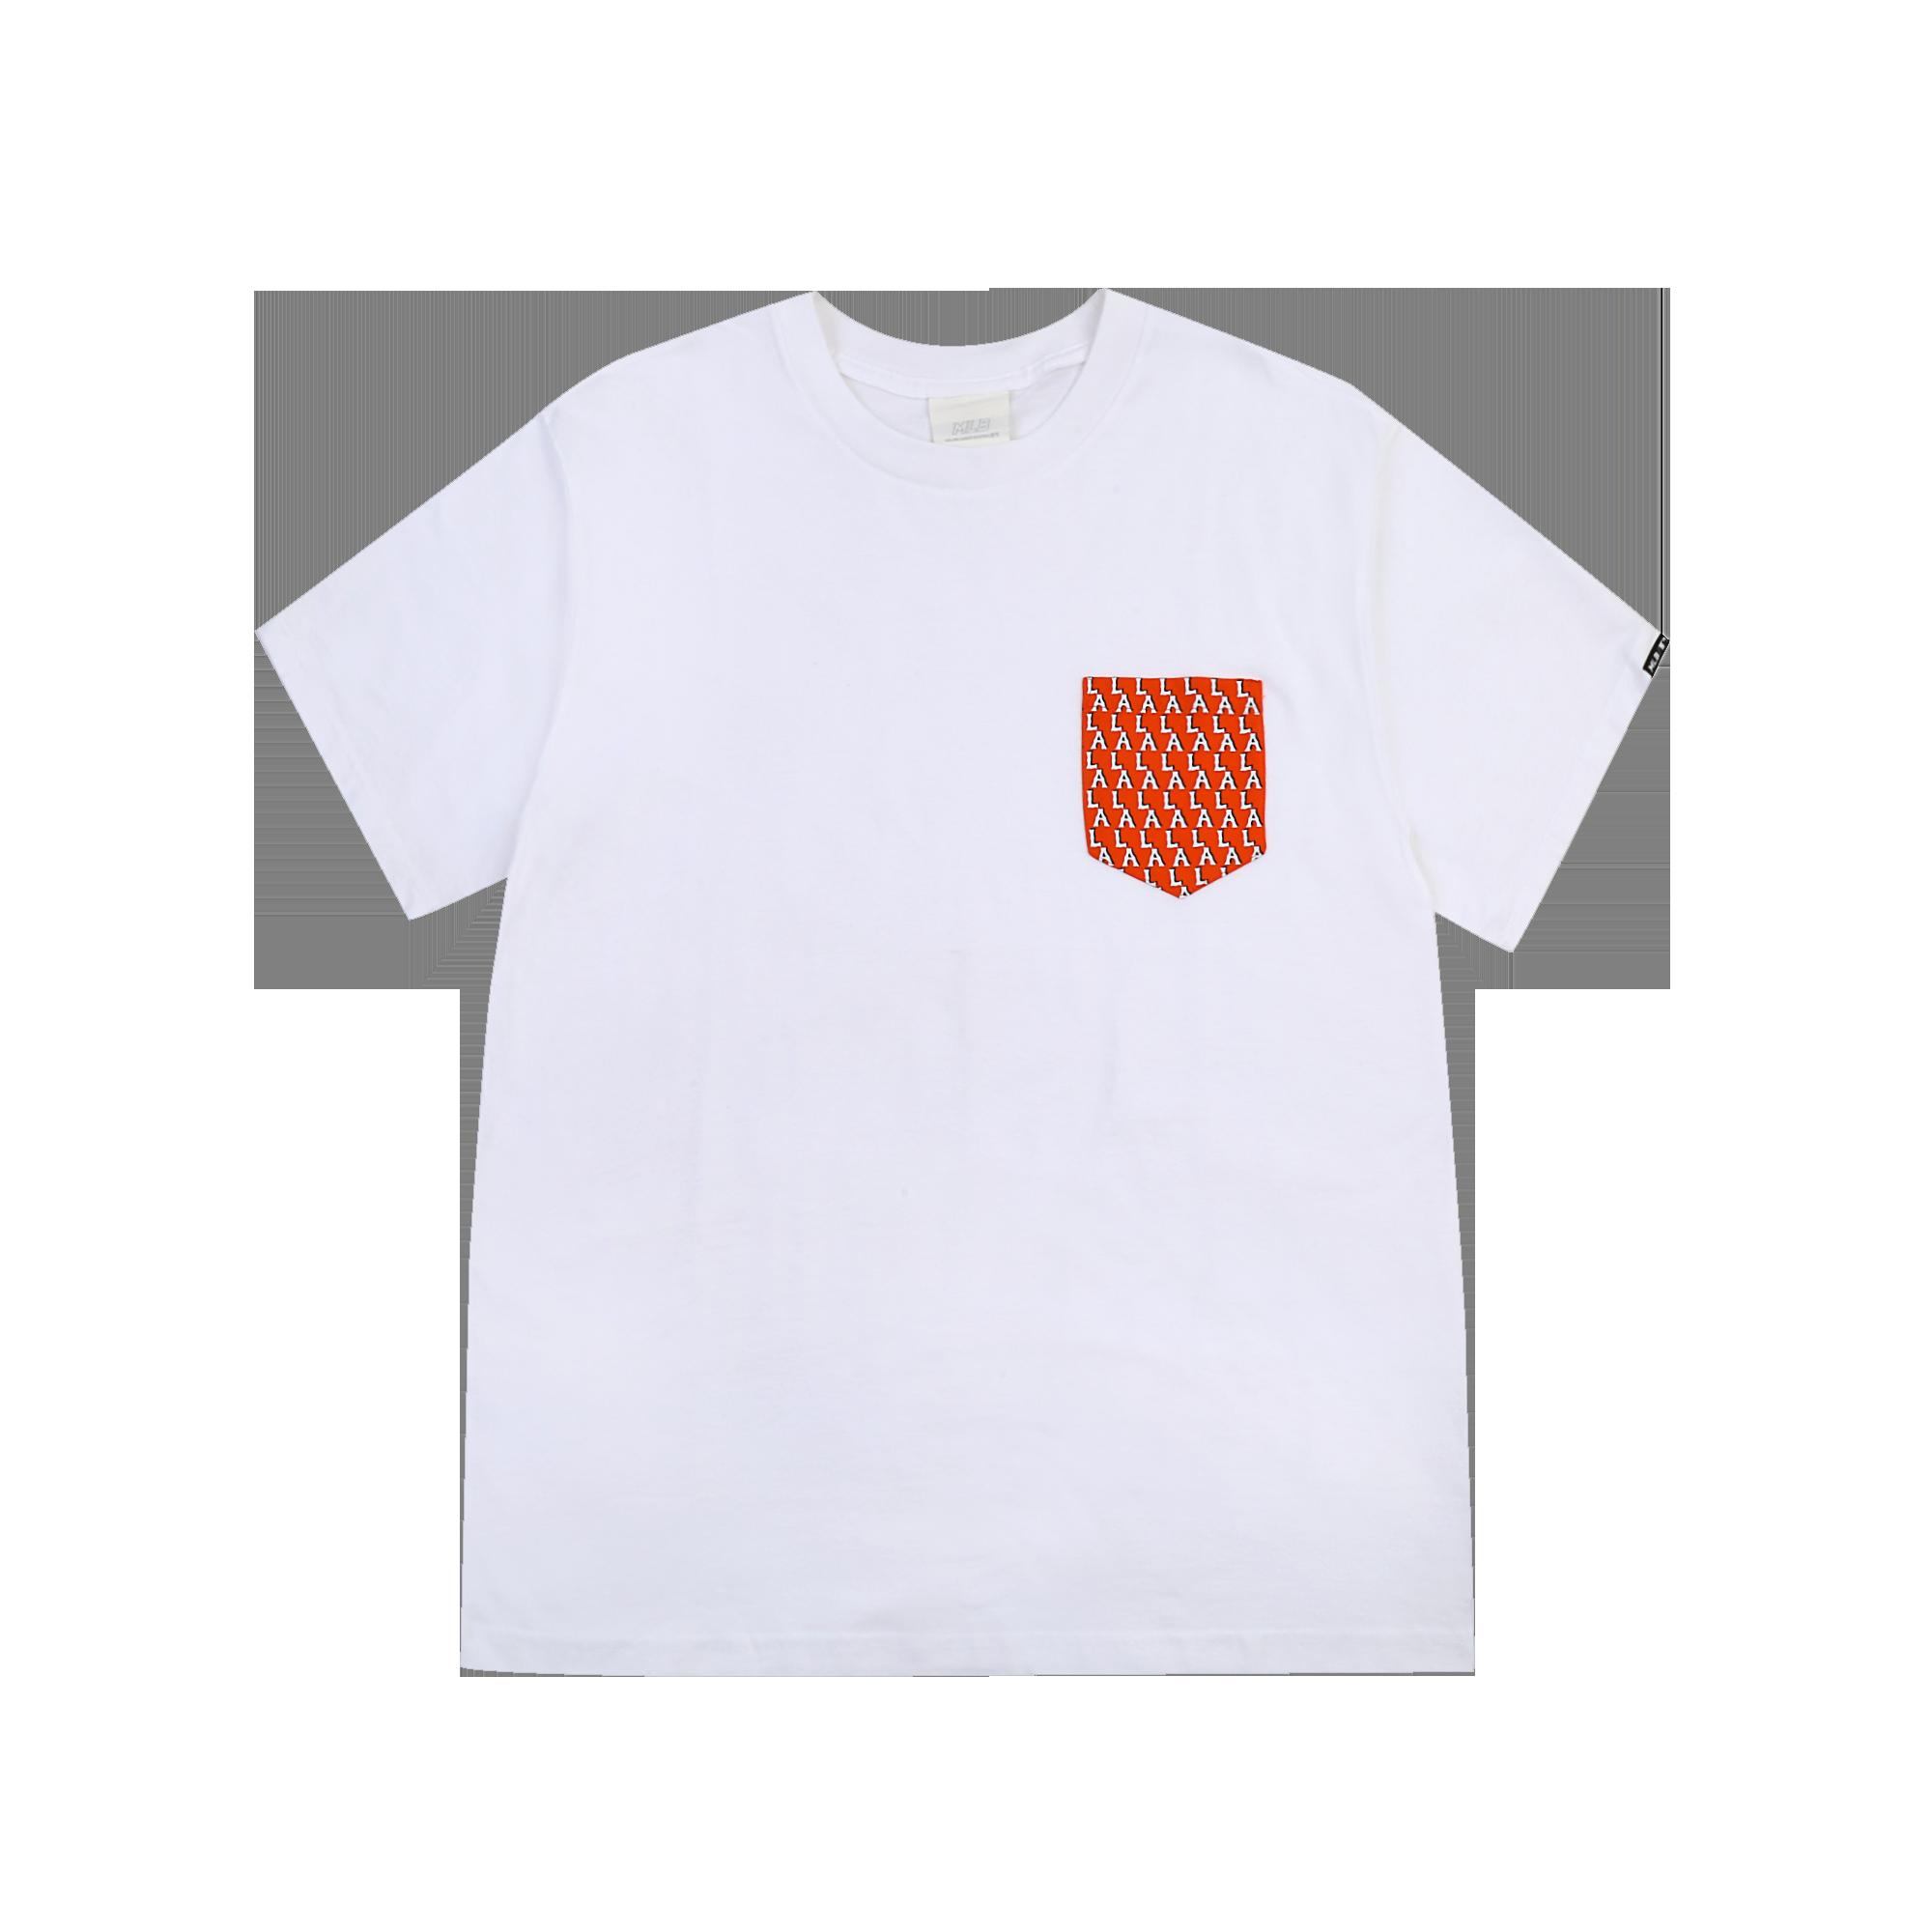 모노그램 포켓 반팔 티셔츠 LA다저스